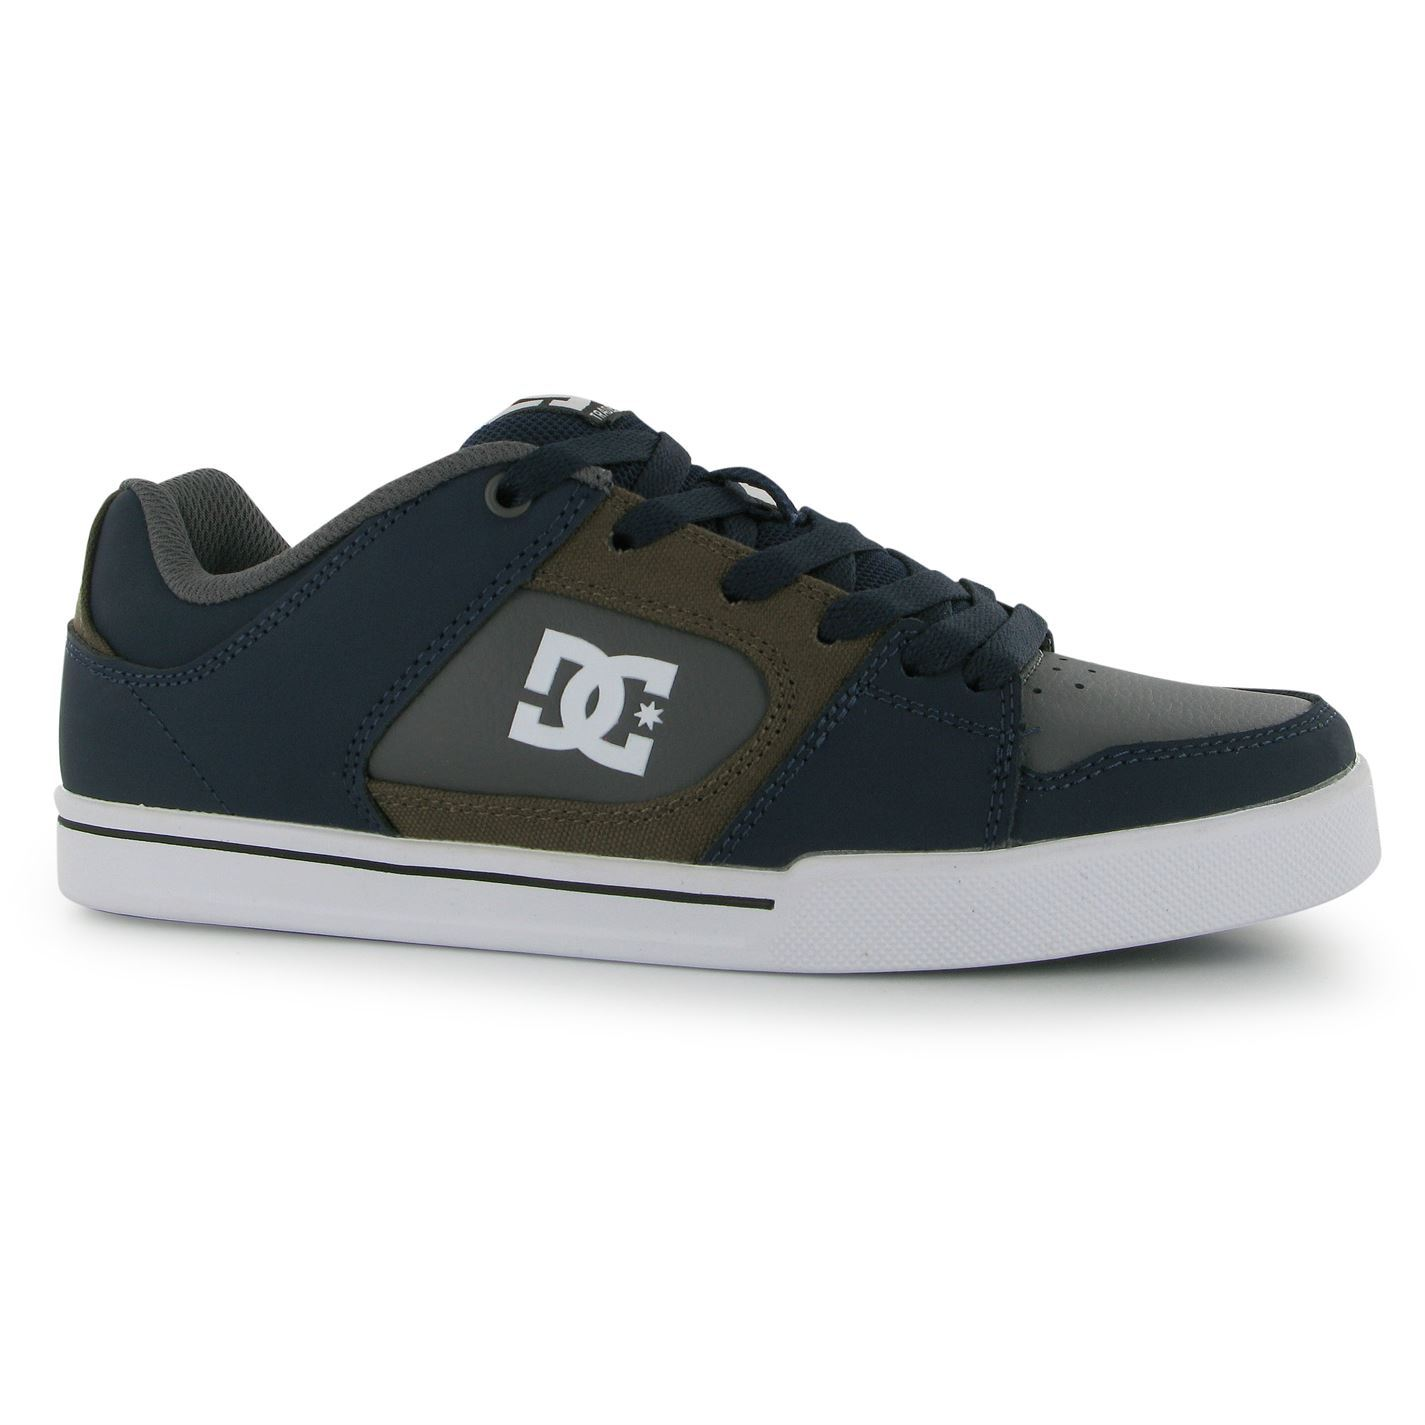 Skate shoes under 30 dollars -